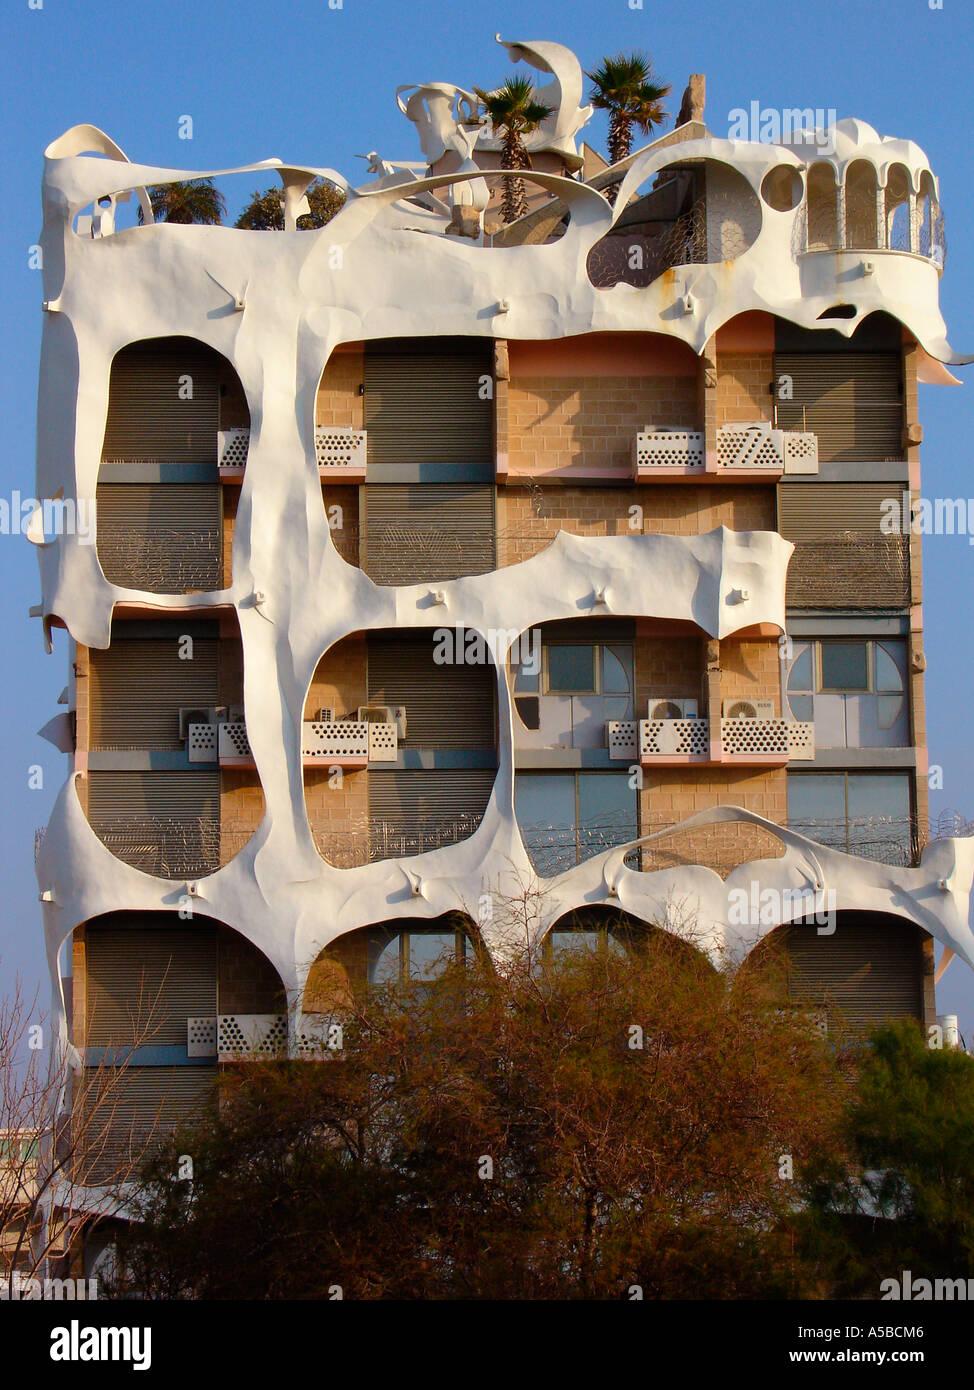 Le 'crazy' House, conçue par l'architecte Leon Gnignebt situé au 181 rue Hayarkon à Tel-Aviv. Israël Photo Stock